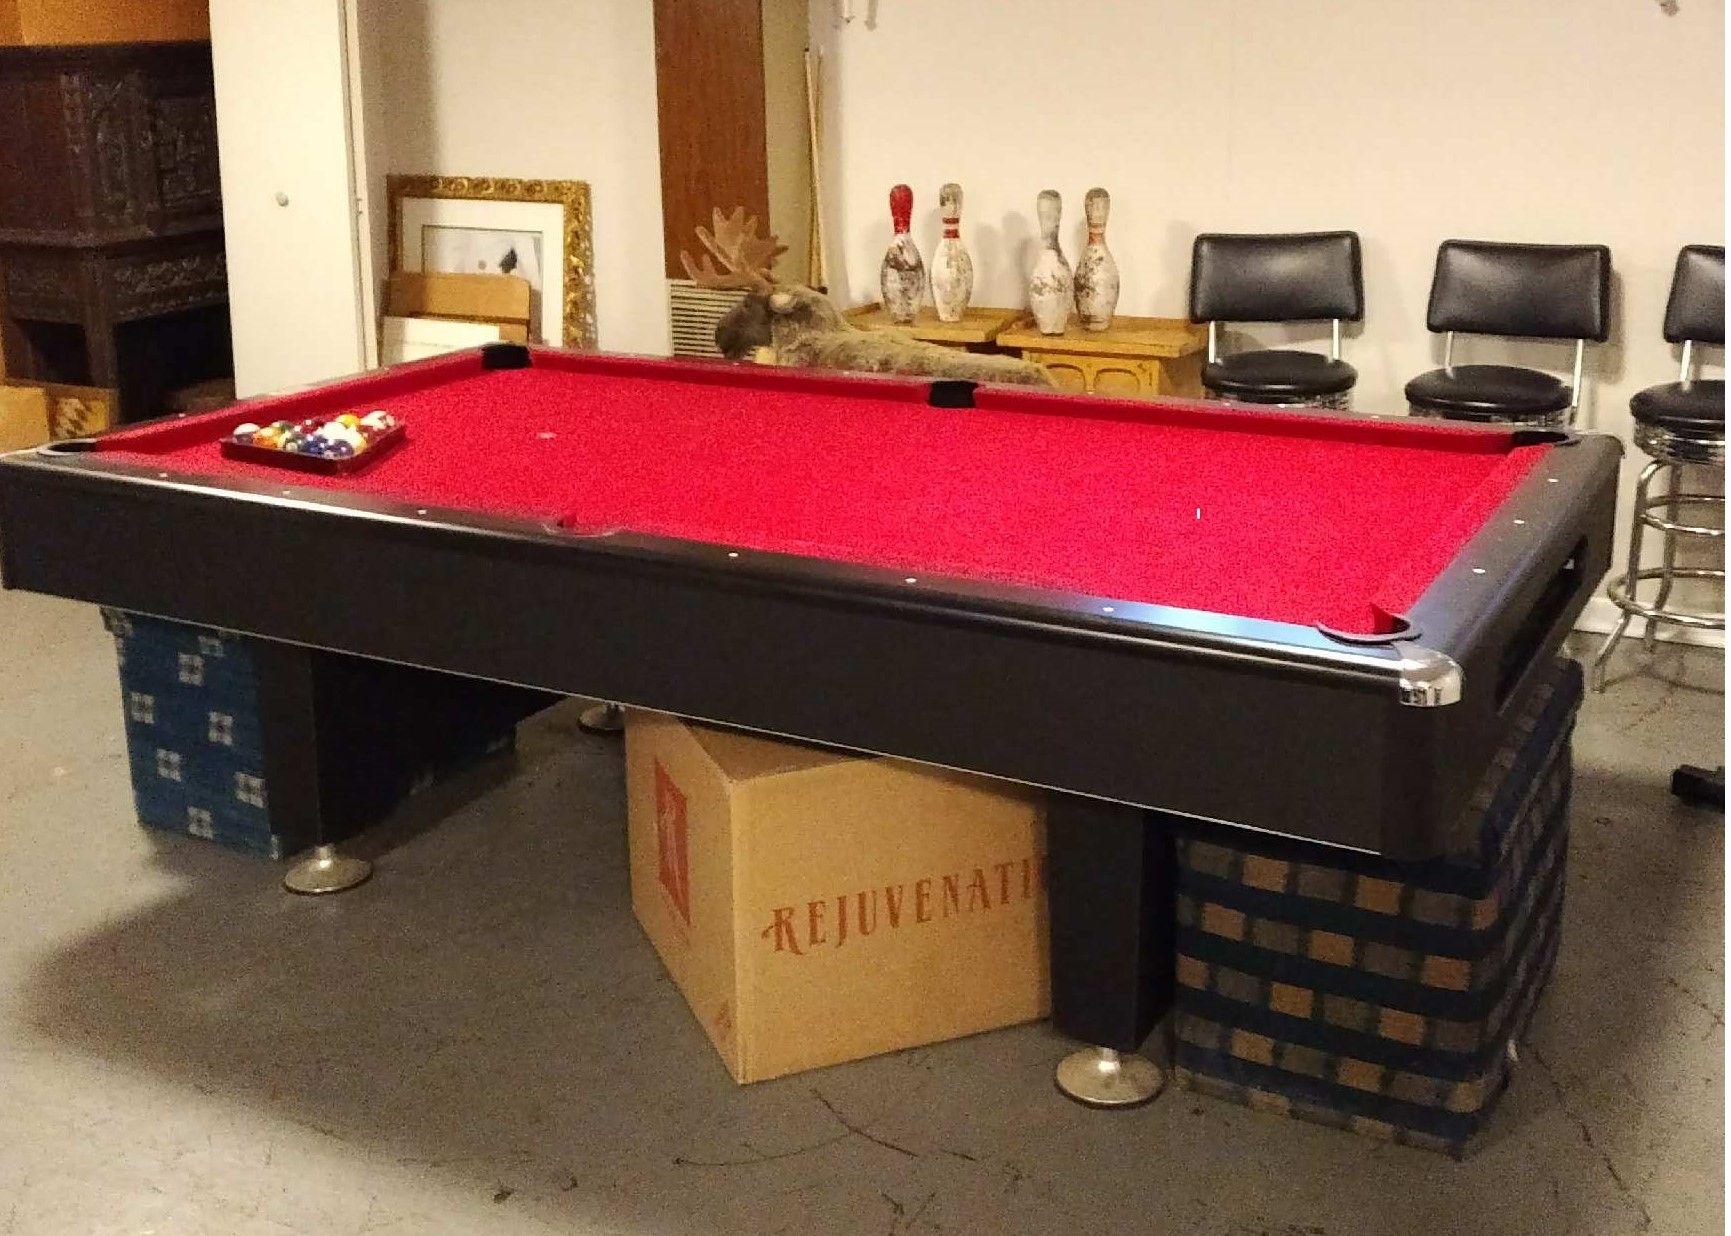 Mr Billiards Pool Tables Sold Used Pool Tables Billiard Tables - Mr billiards pool table